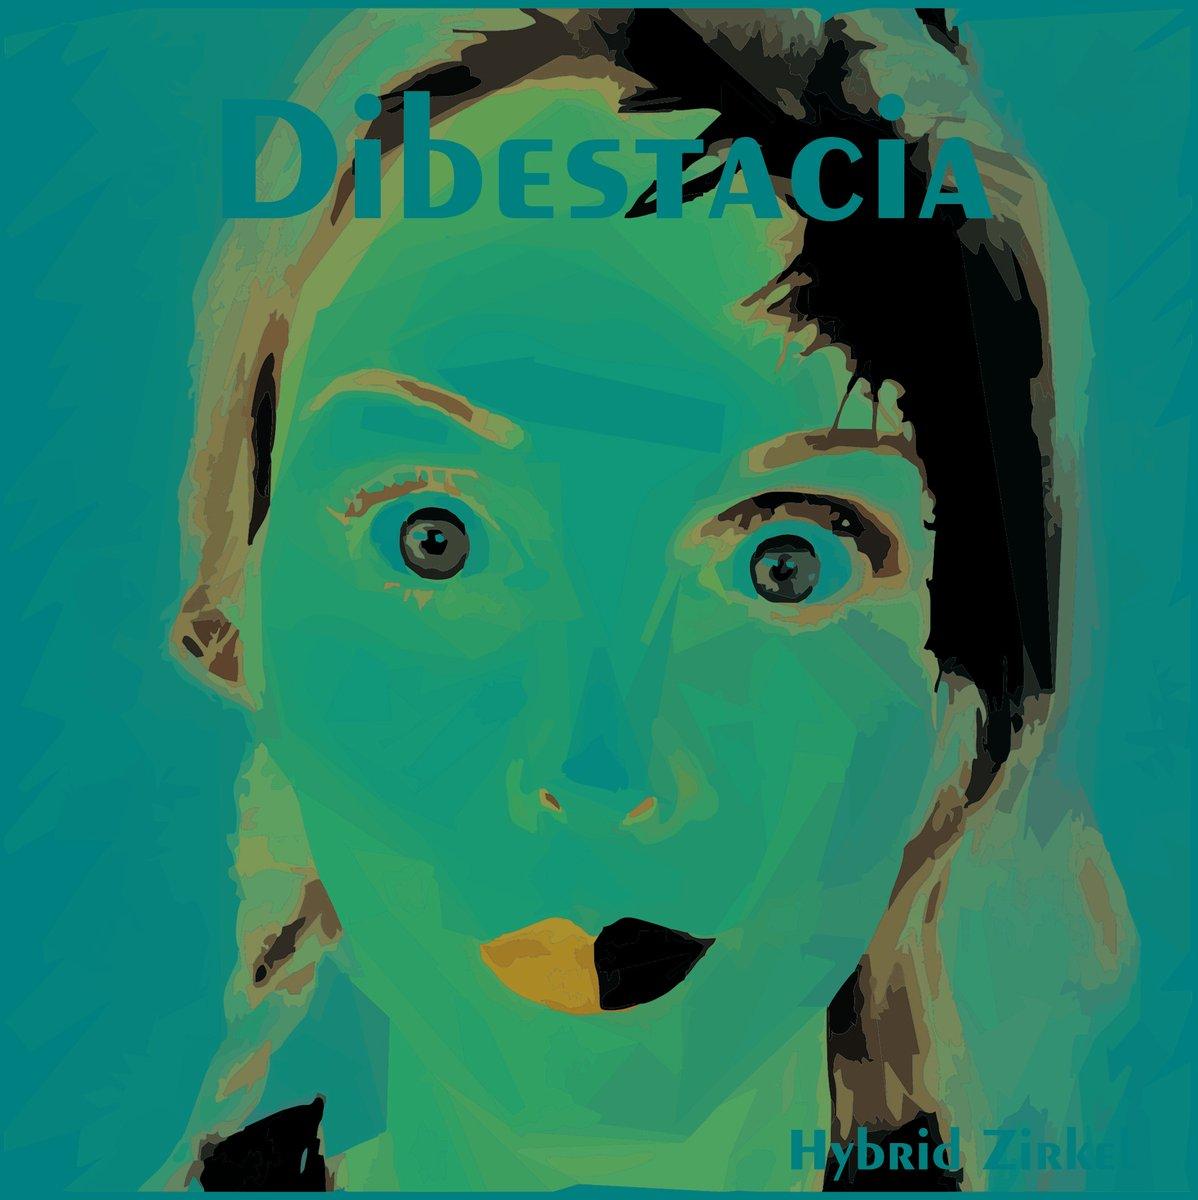 http://www.mixer.com/dibestacia   Gleich startet der Livestream. #watchmixer #mixer #streamerin pic.twitter.com/8jBR7V4J5o